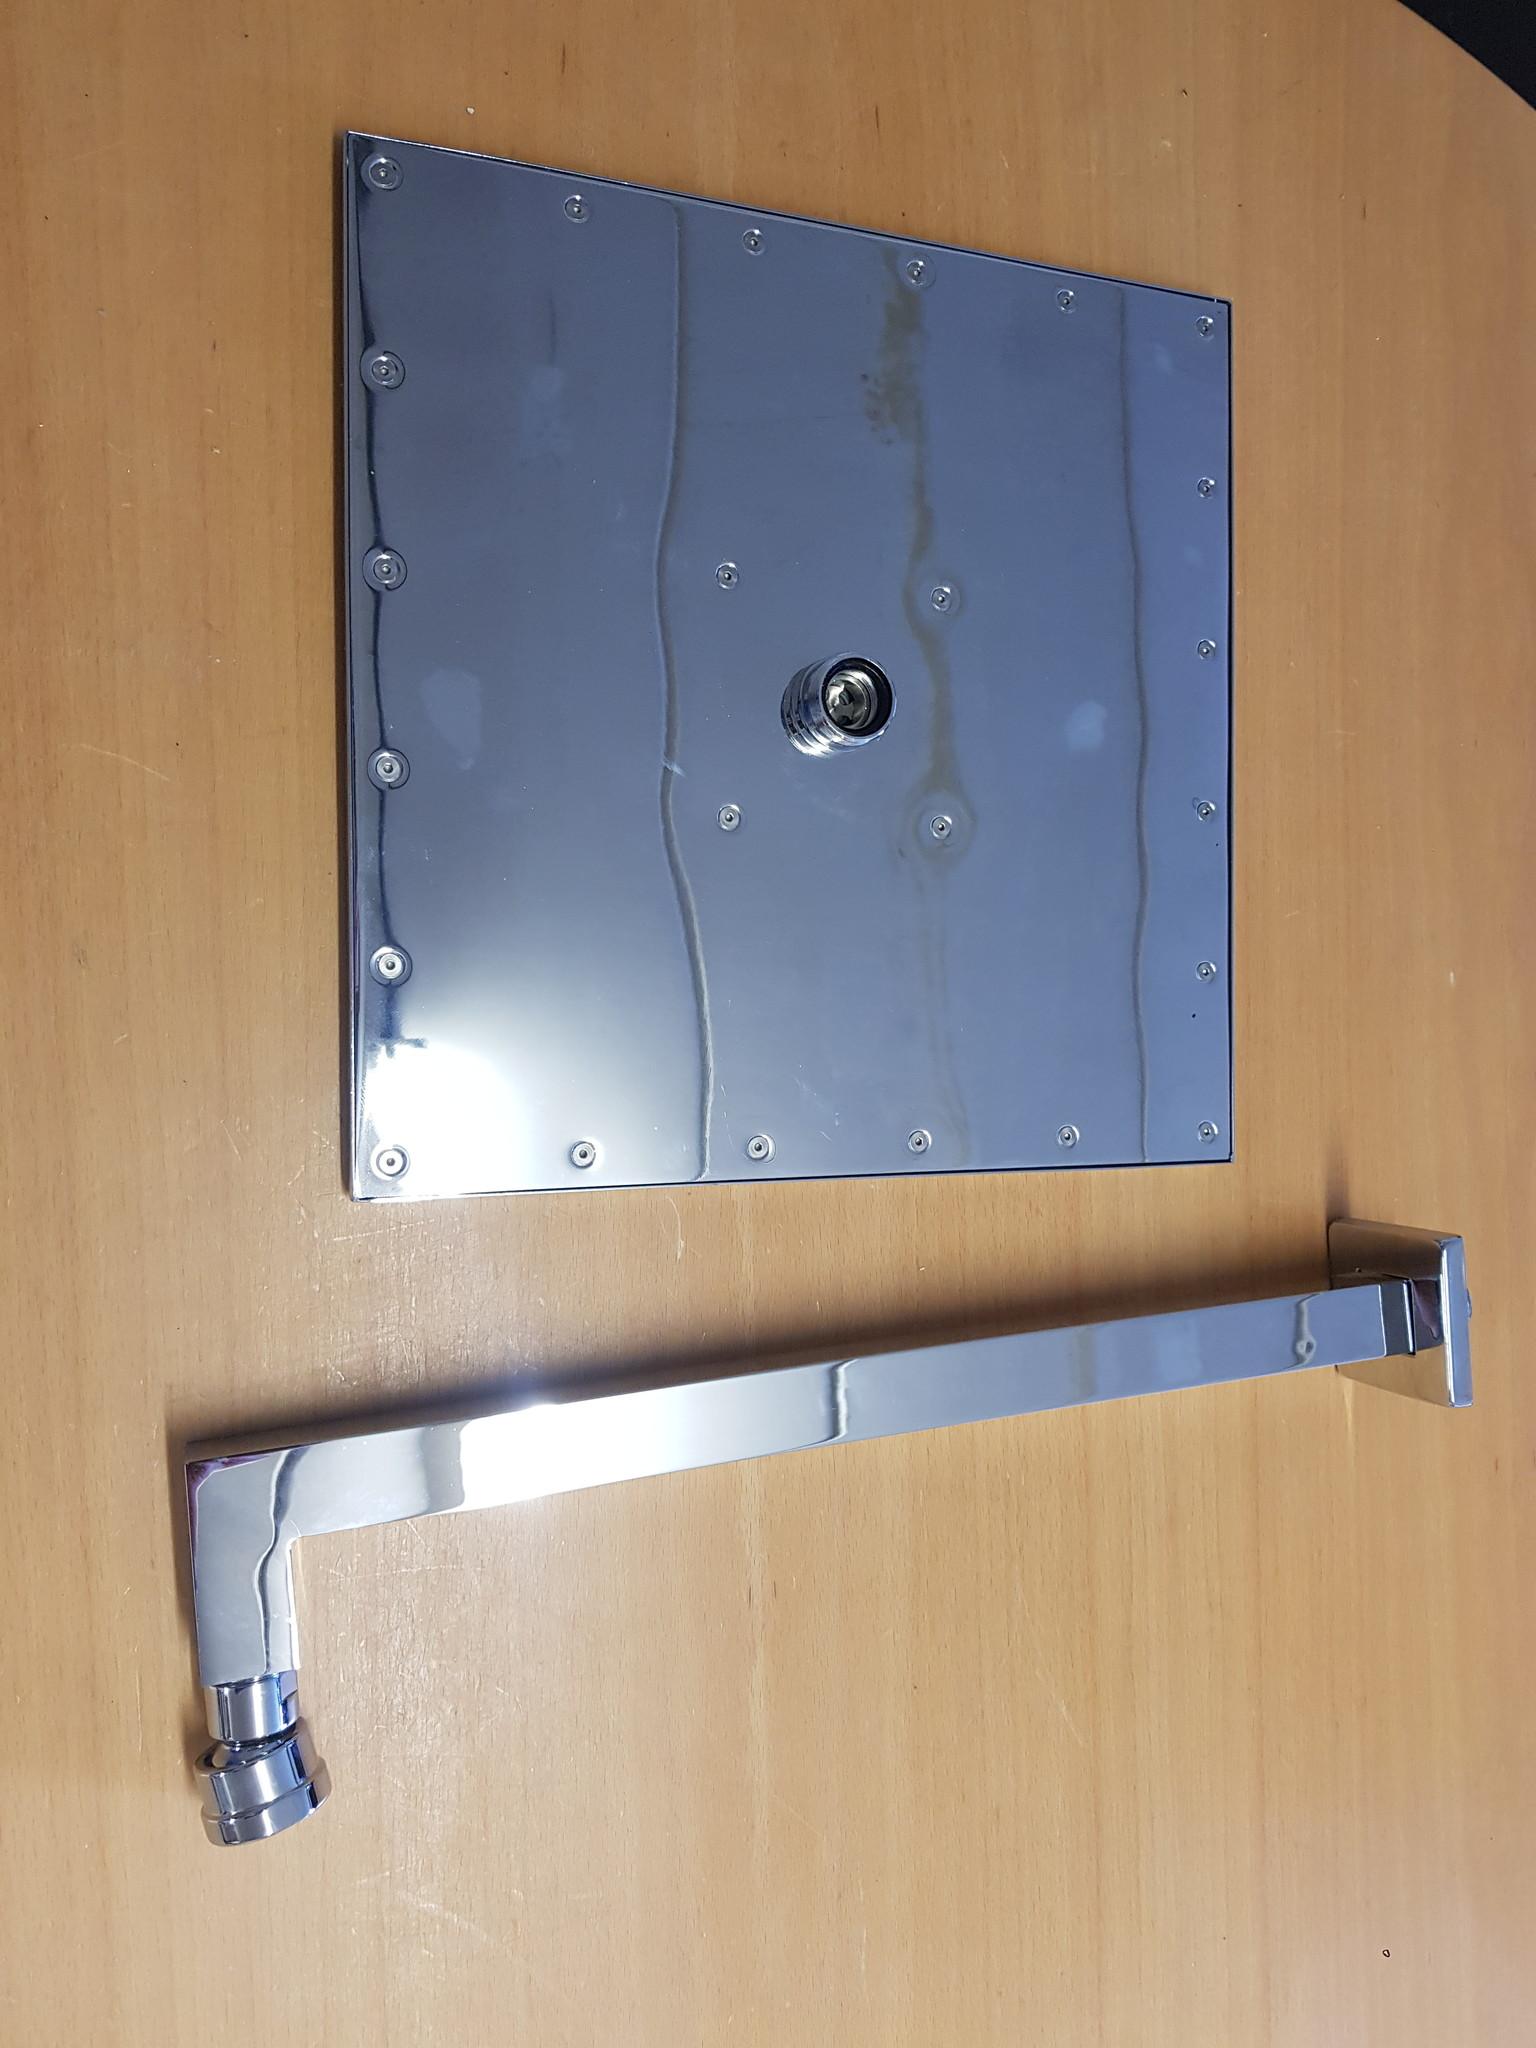 Regendouche vierkant met wandhouder verchroomd 30cm